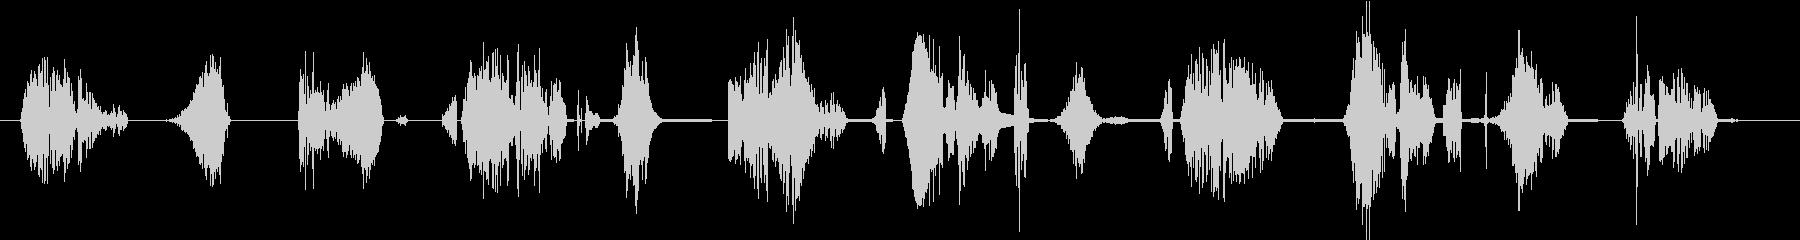 マルチレーザーバーストの未再生の波形